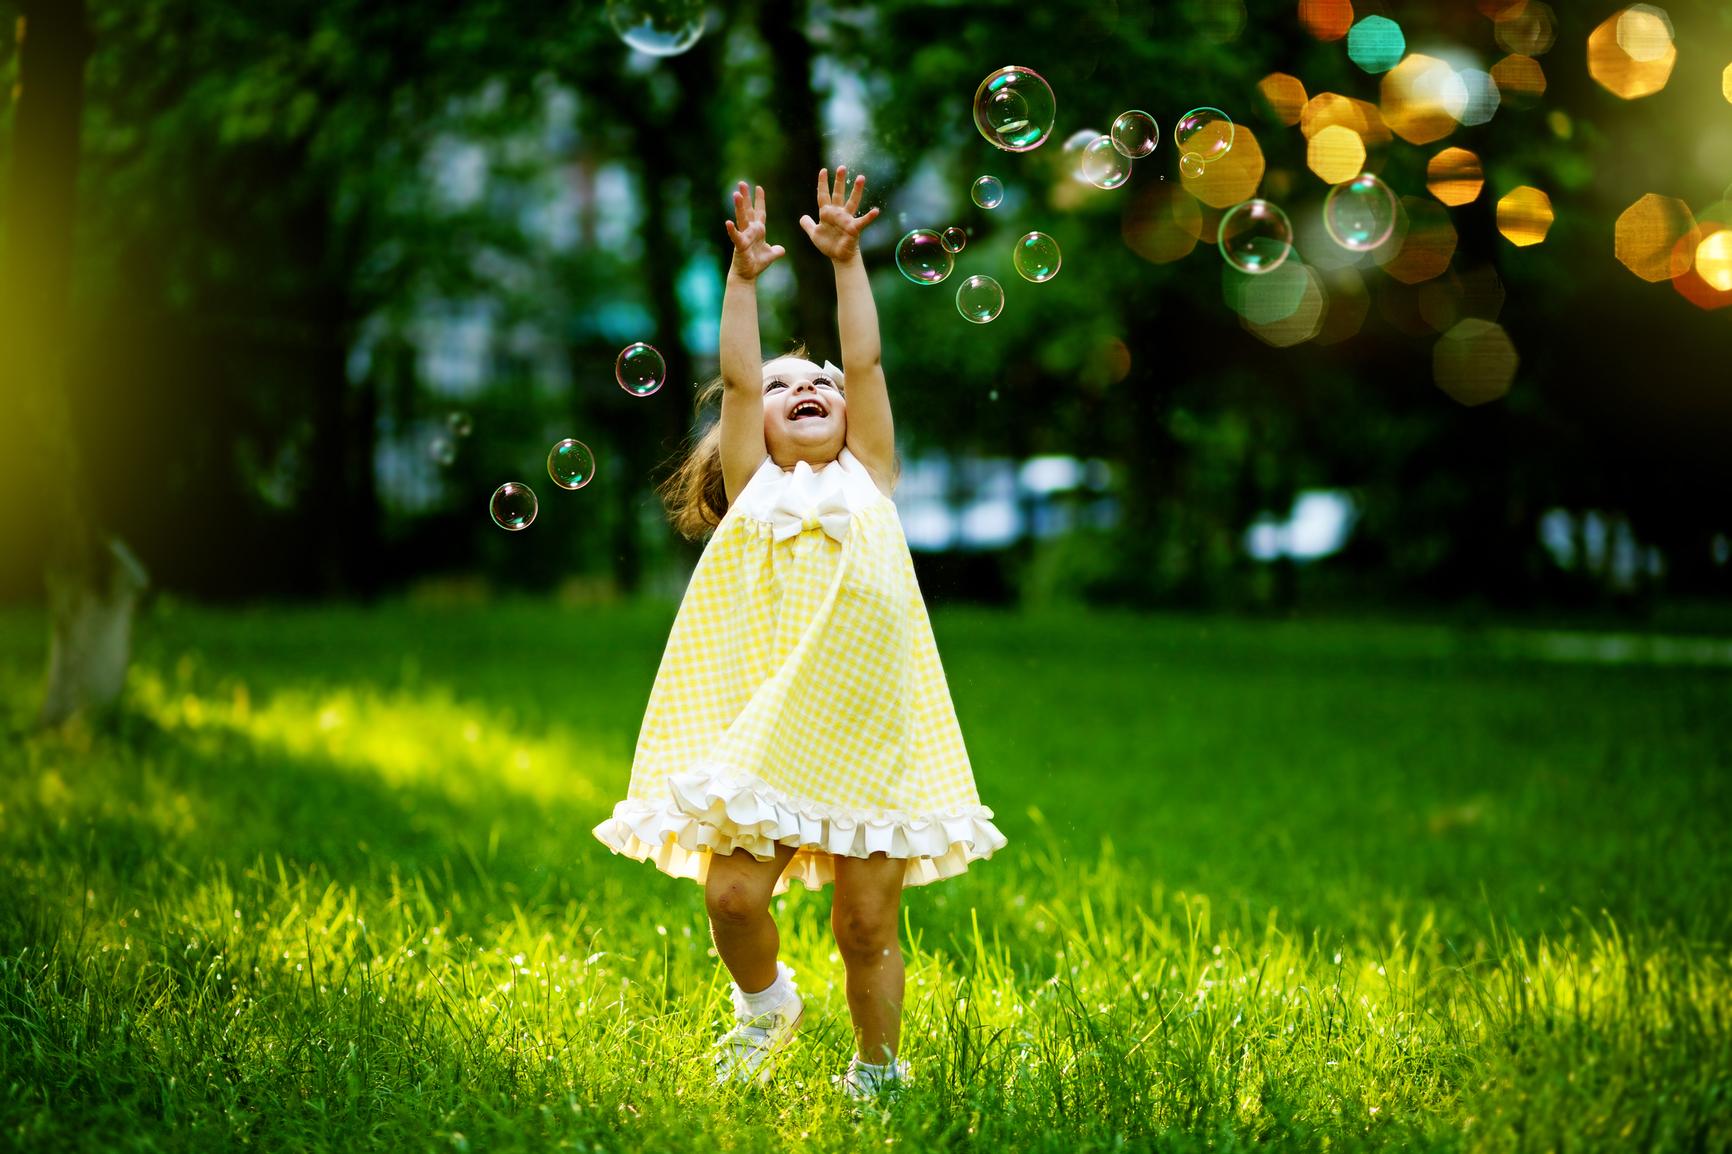 радость картинки красивые фото приём позволяет визуально